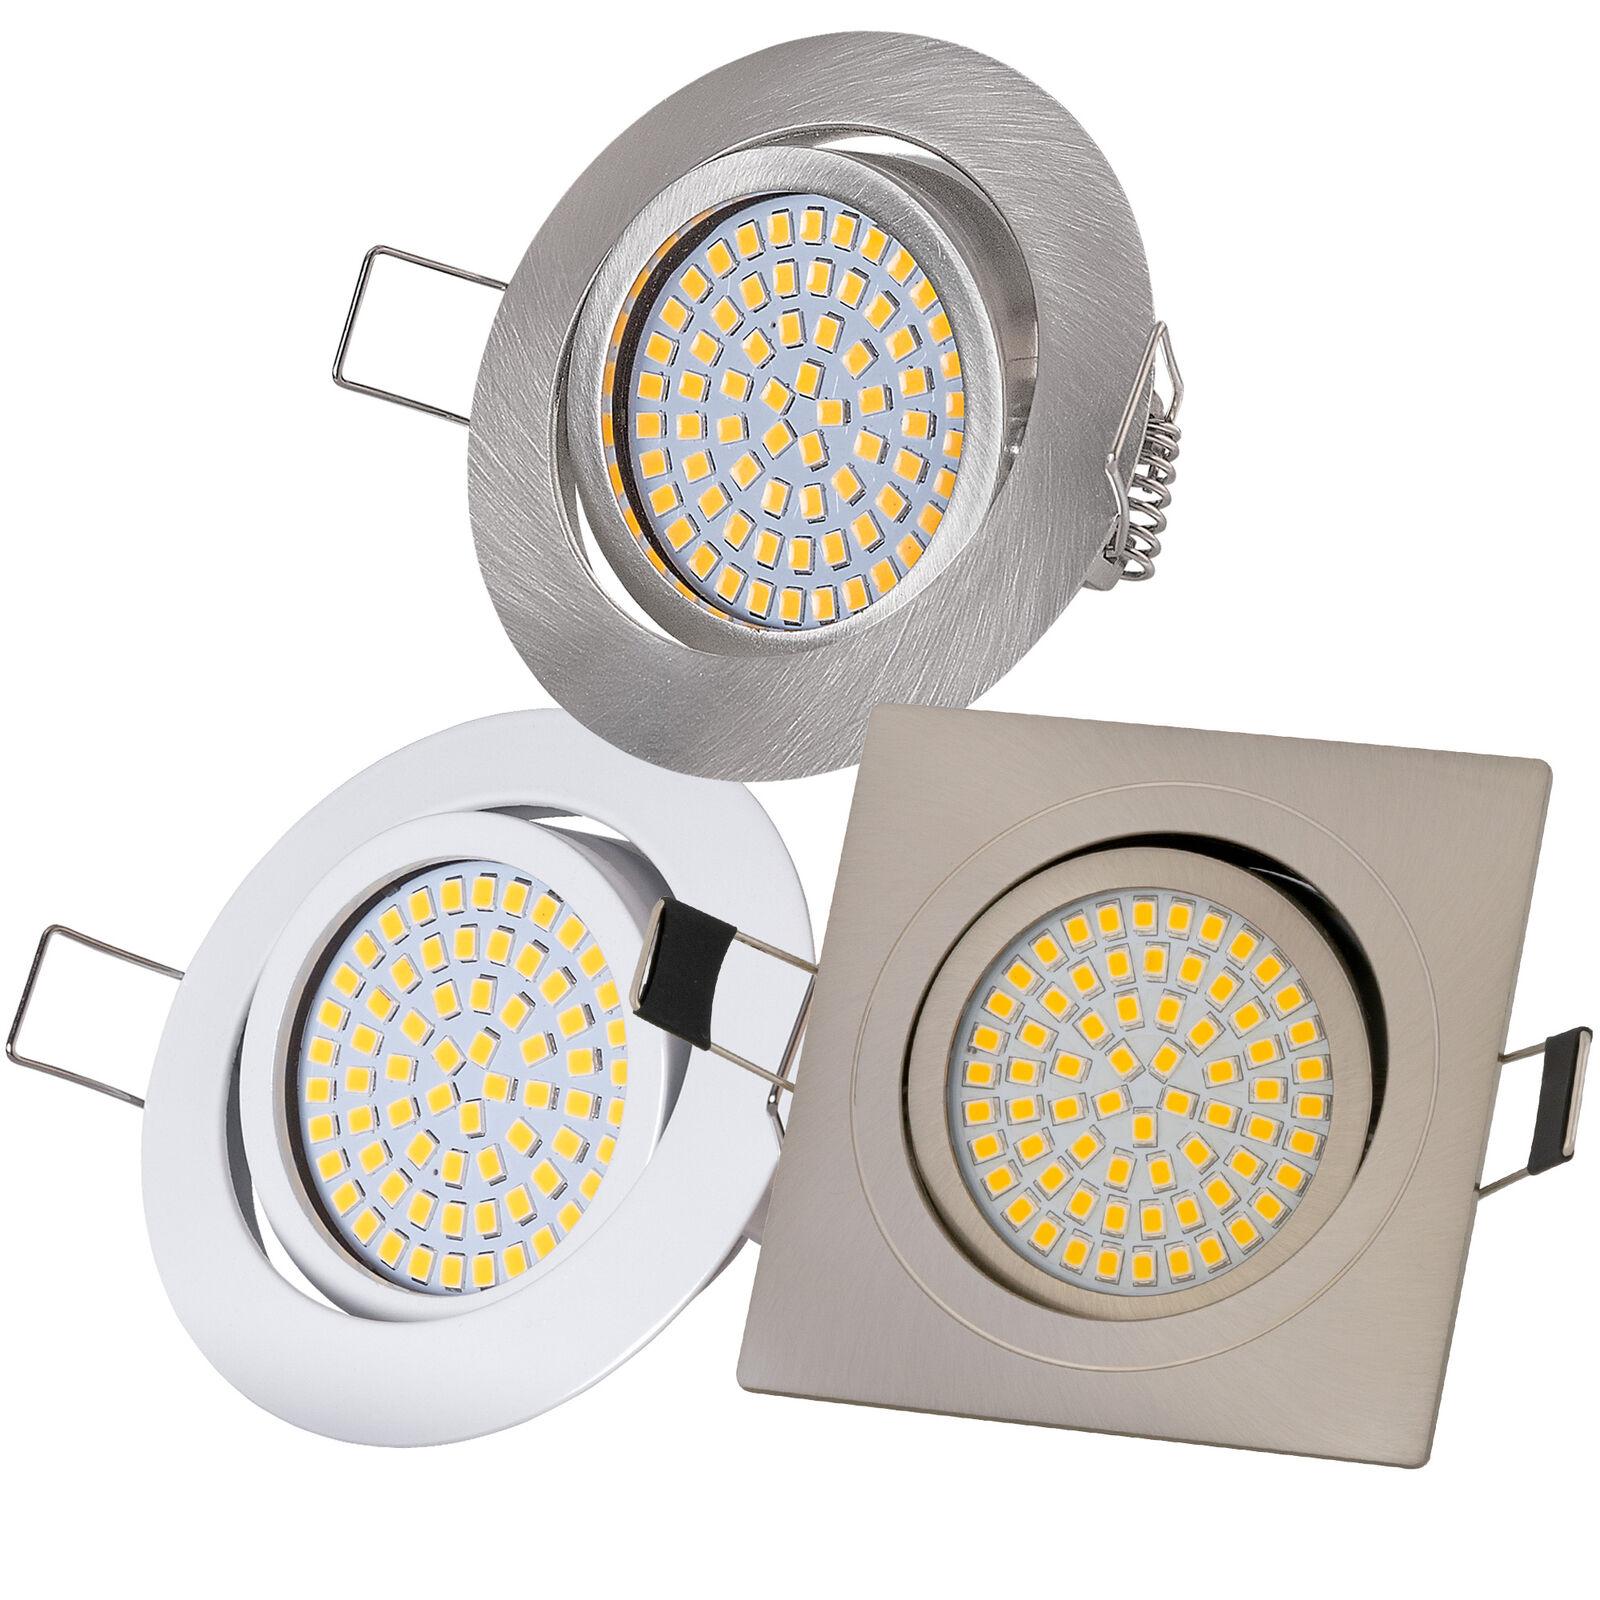 Ultraflach Einbaustrahler LED 230V 3,5W Einbauleuchte Einbauspots 350Lm